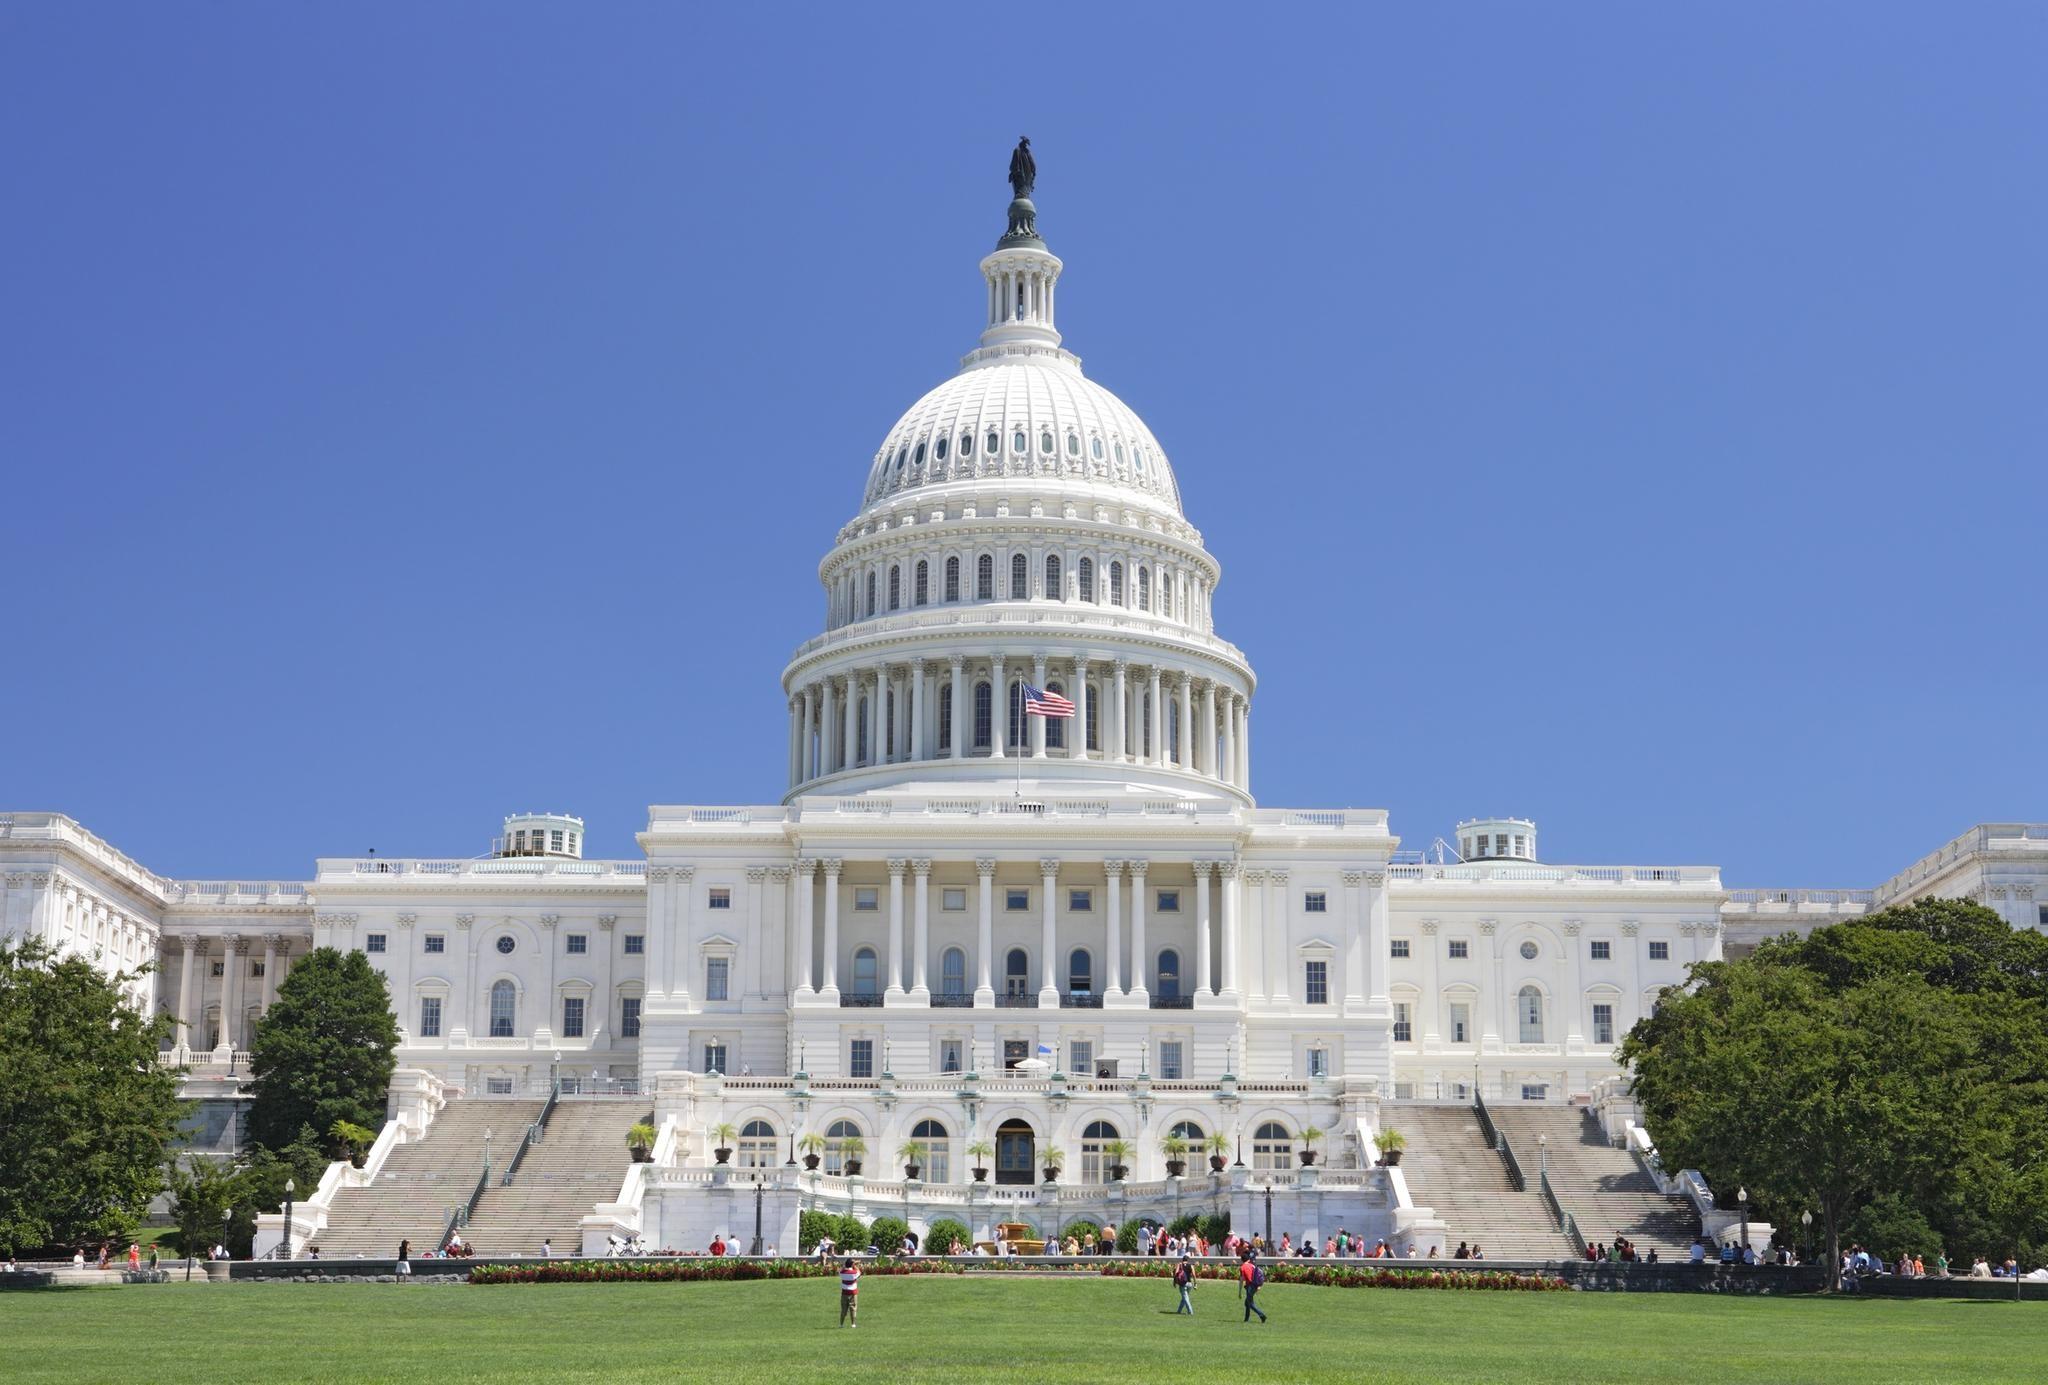 СМИ США: часть членов Конгресса США страдает слабоумием, массово принимая фармакологические наркотики